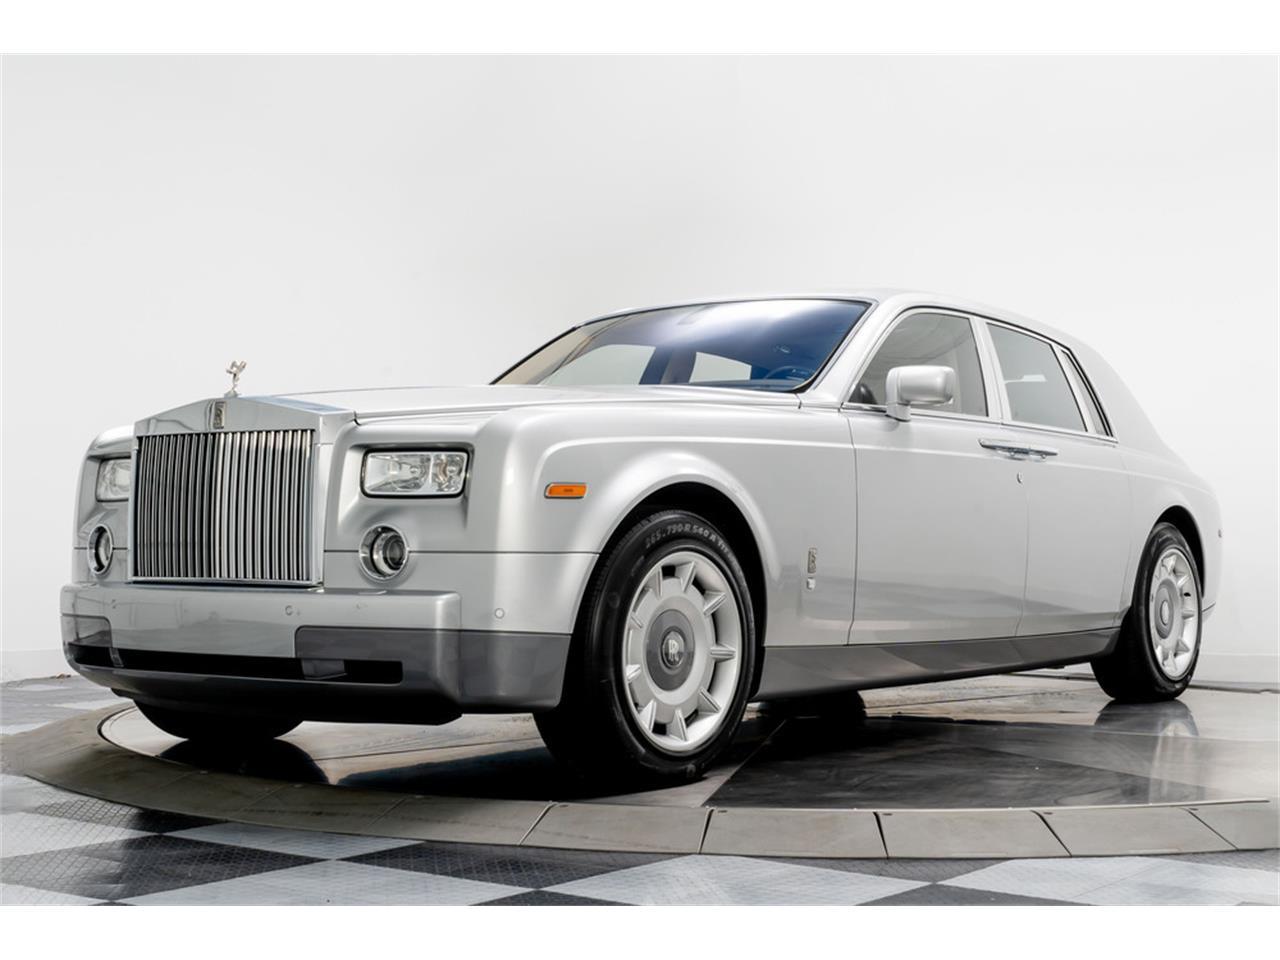 2004 Rolls-Royce Phantom for Sale | ClassicCars.com | CC ...